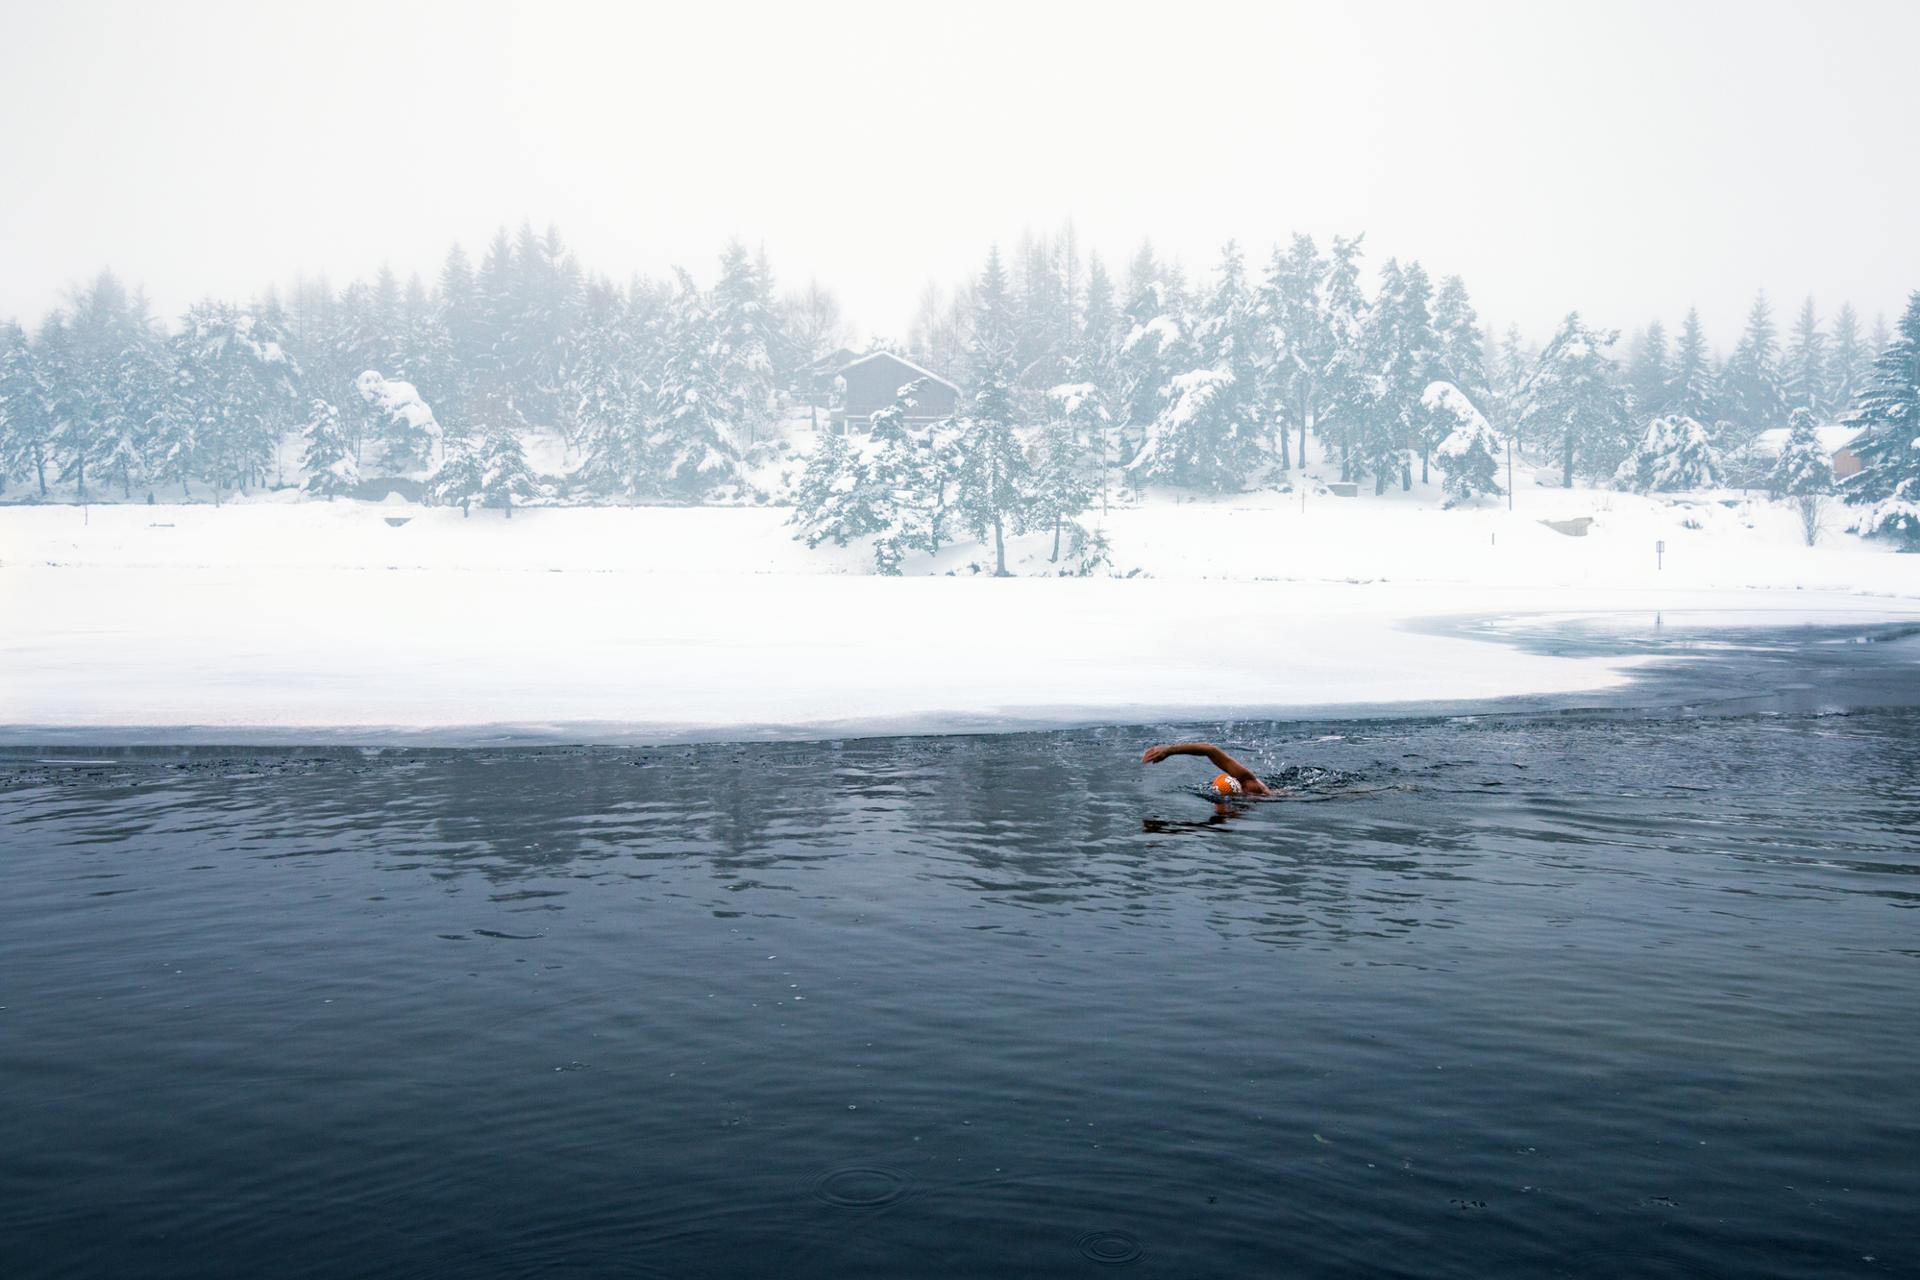 Lac du Bonheur